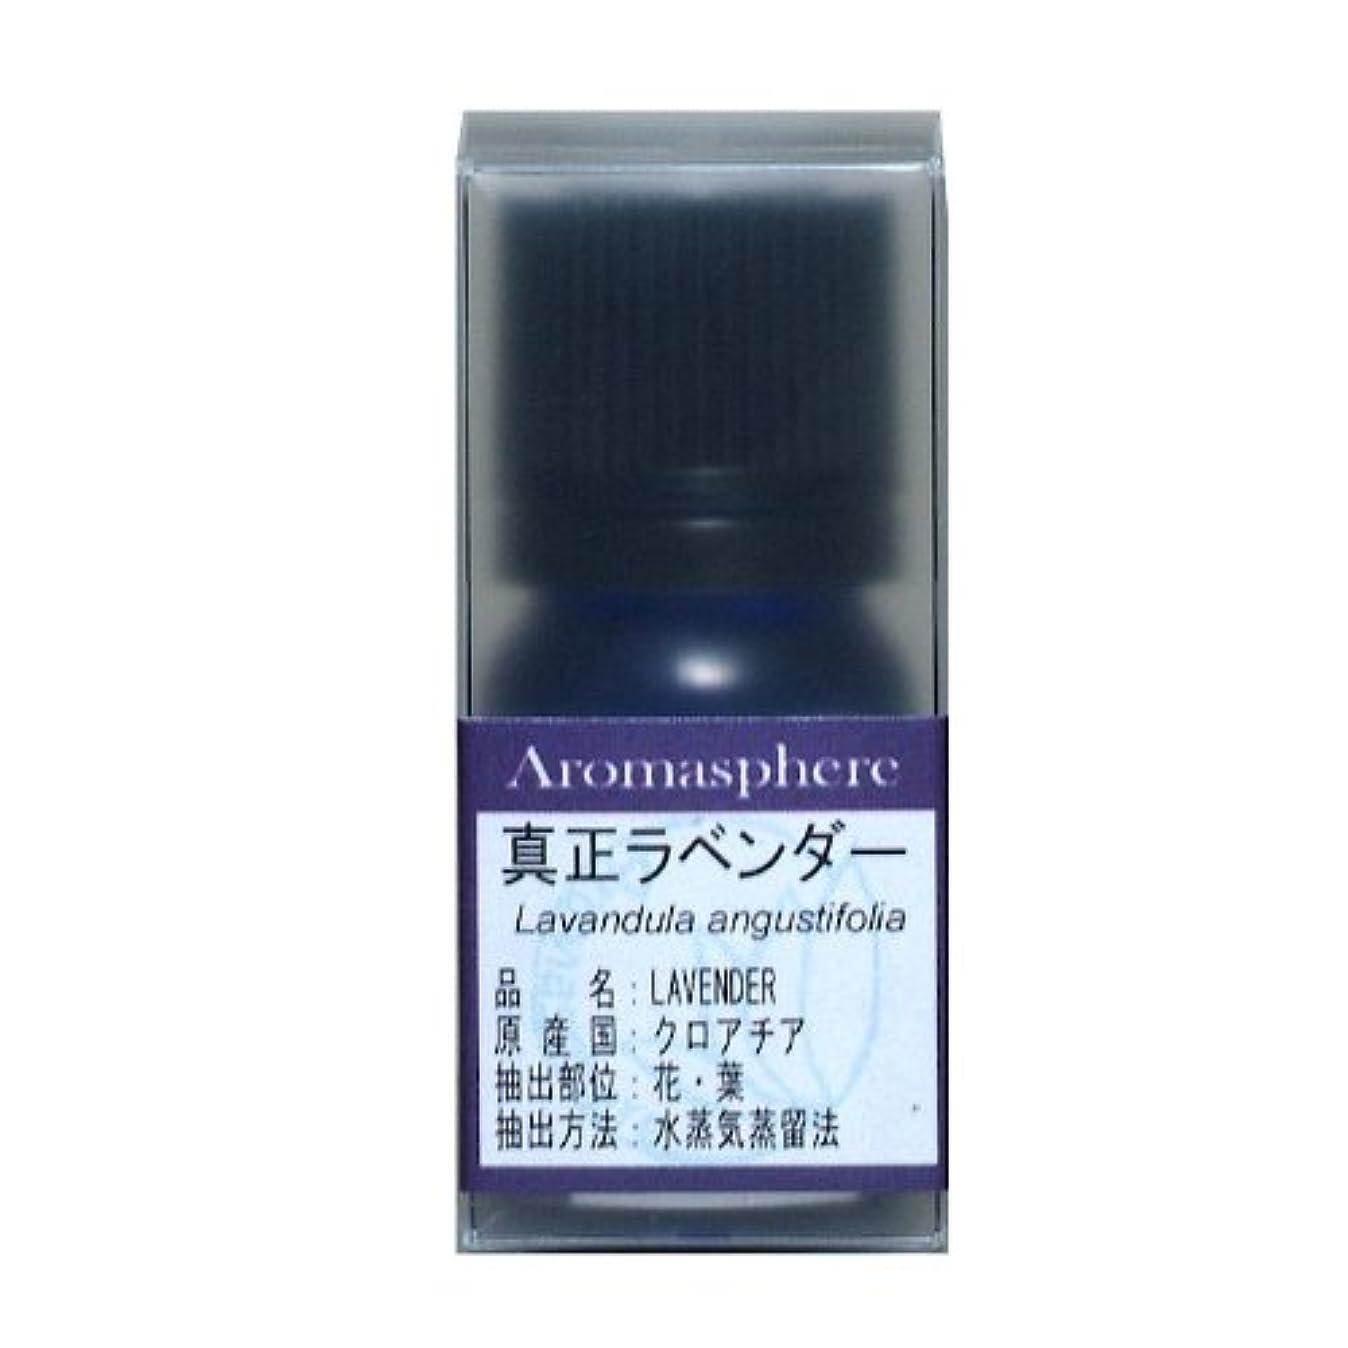 ハドル闇素晴らしい【アロマスフィア】真正ラベンダー 5ml エッセンシャルオイル(精油)